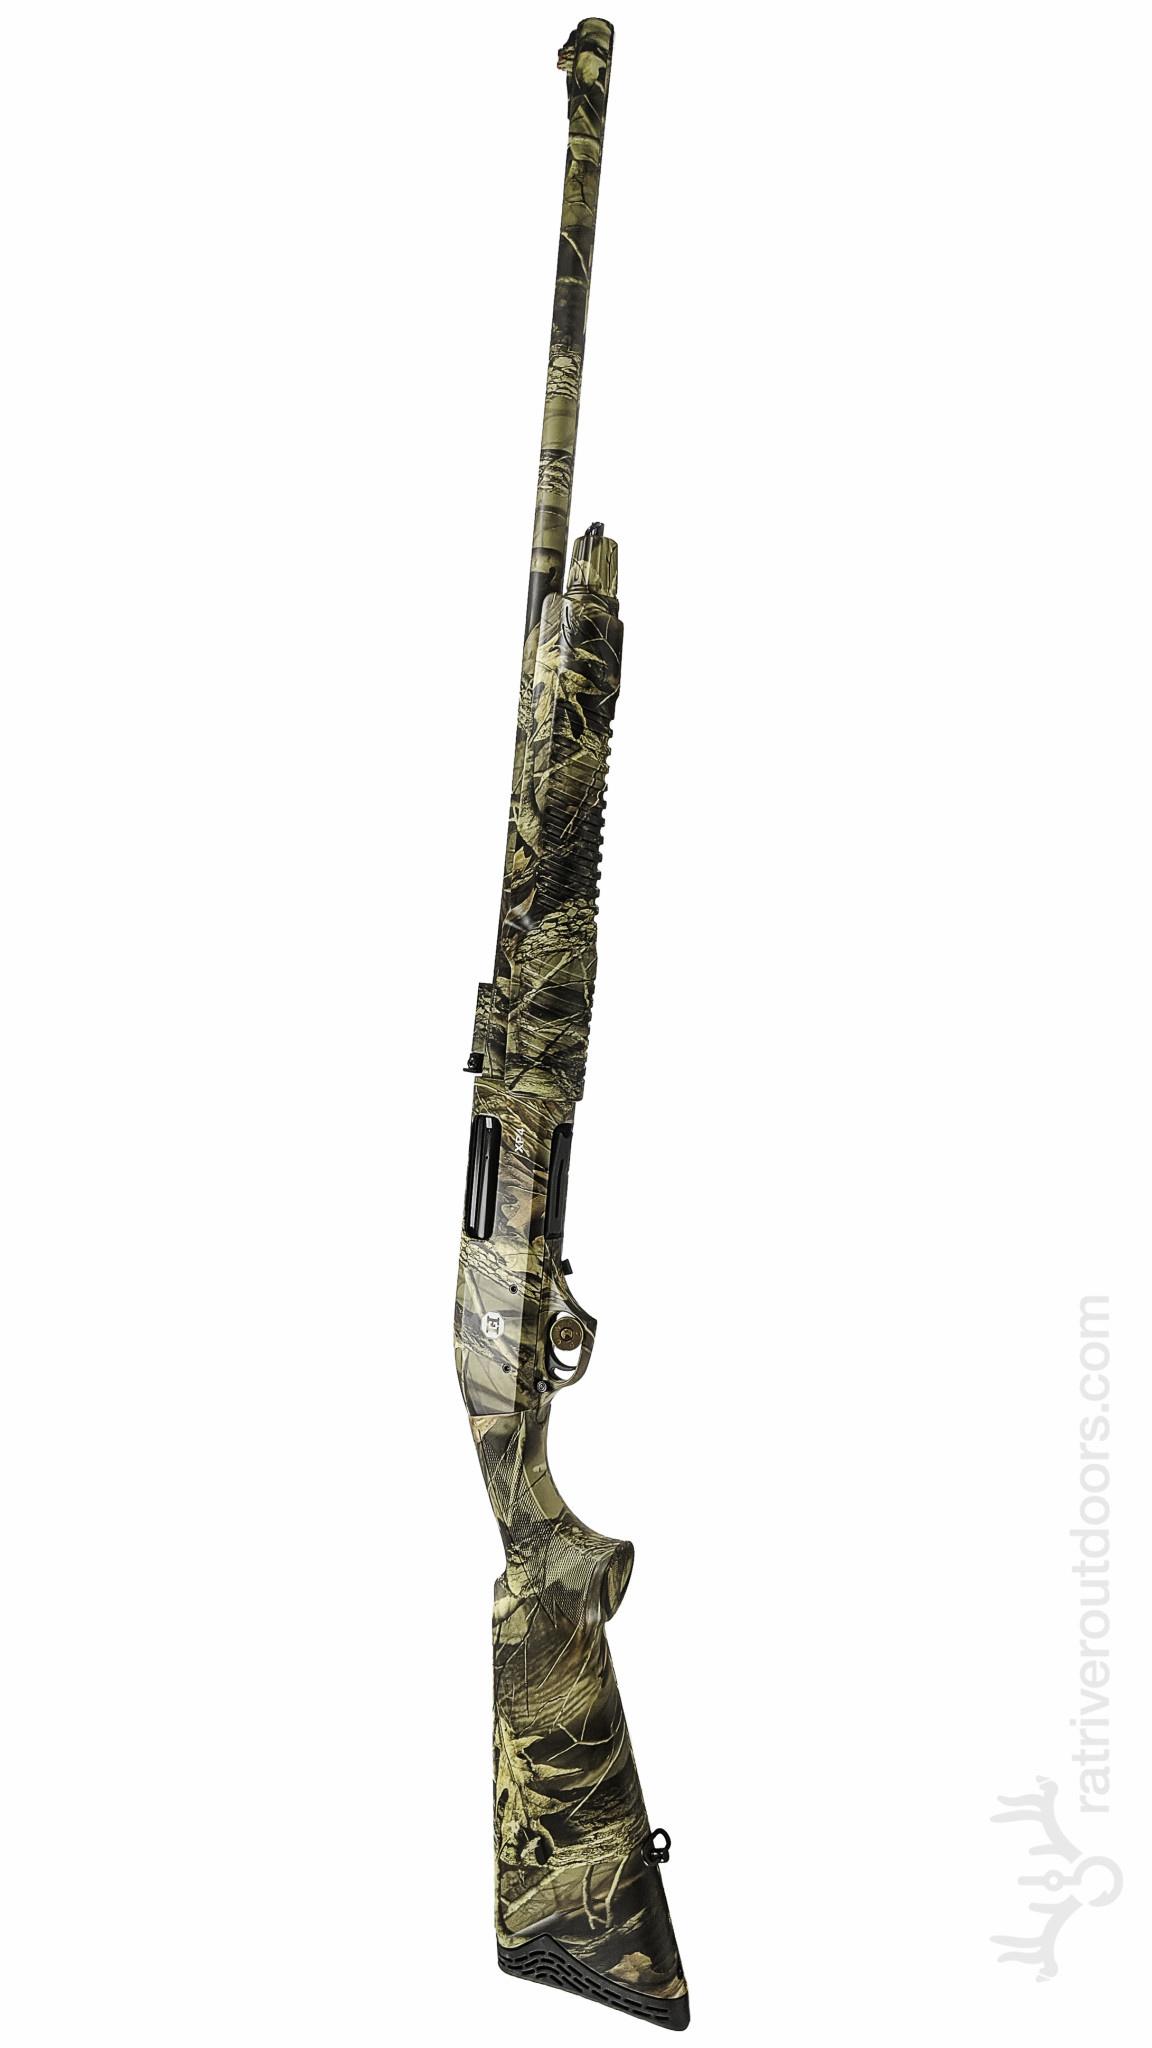 Hunt Group XP4 12 gauge